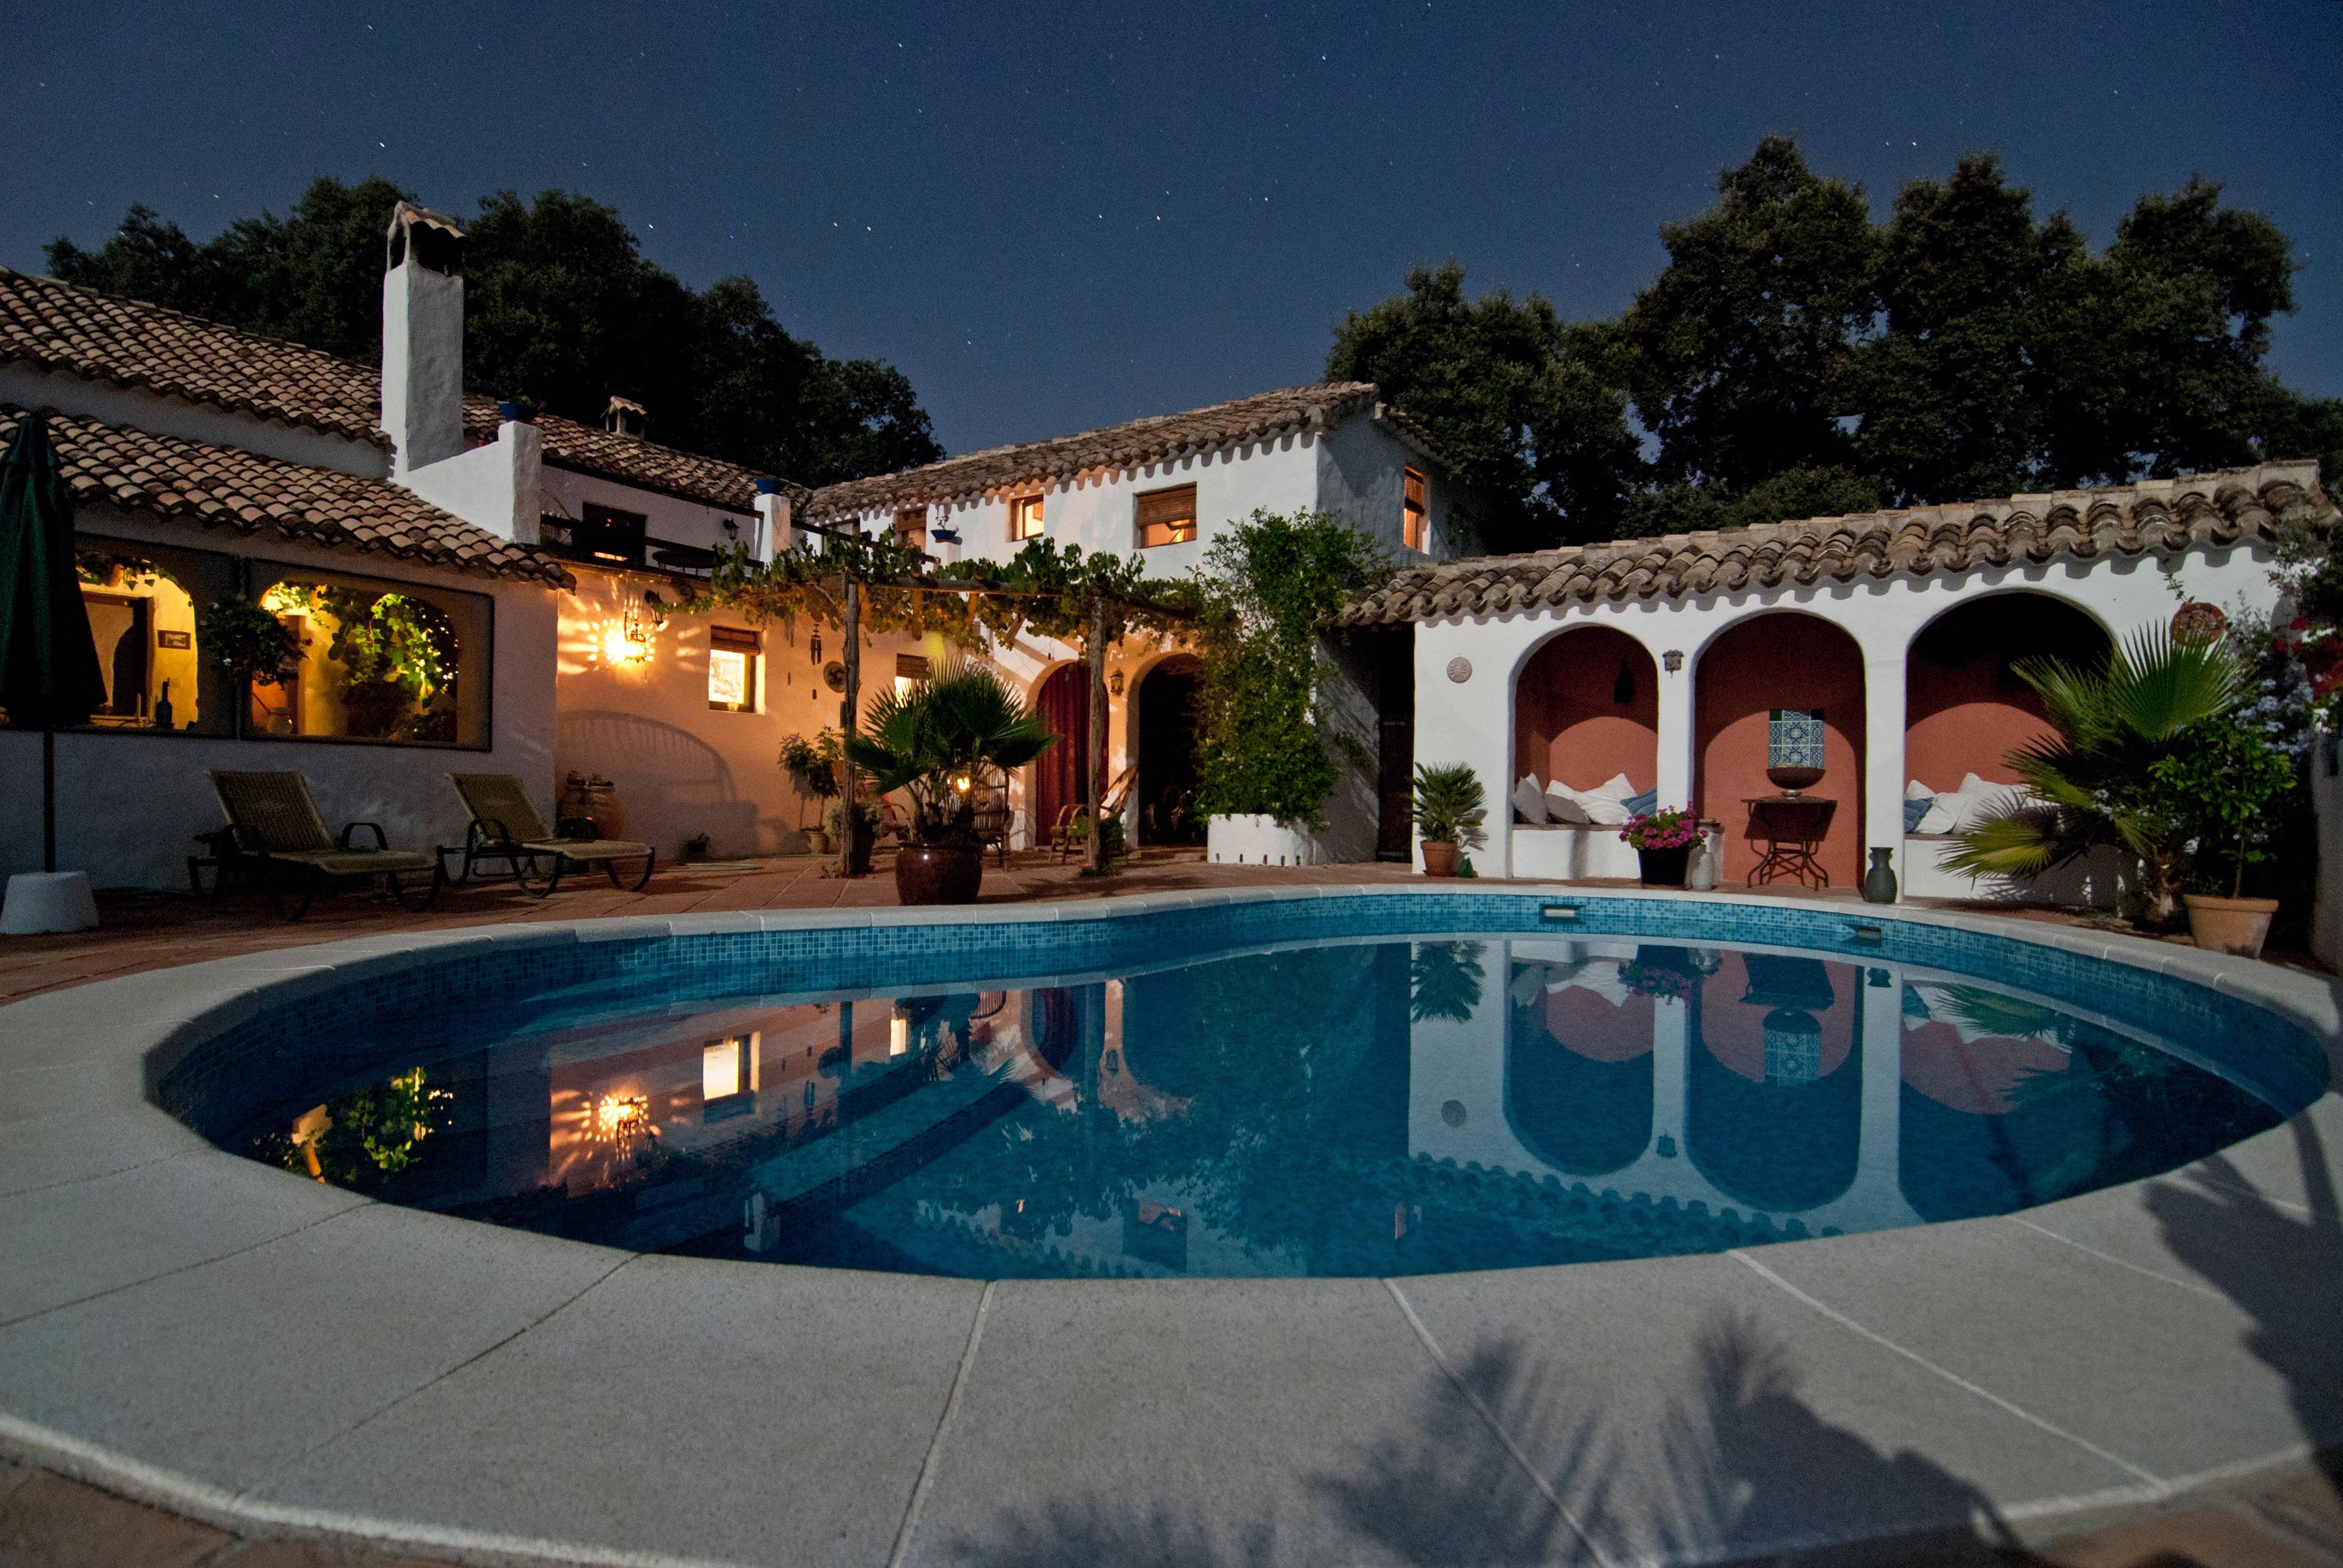 Image principale de l'article Faut-il acheter ou louer sa résidence principale? Un choix difficile.